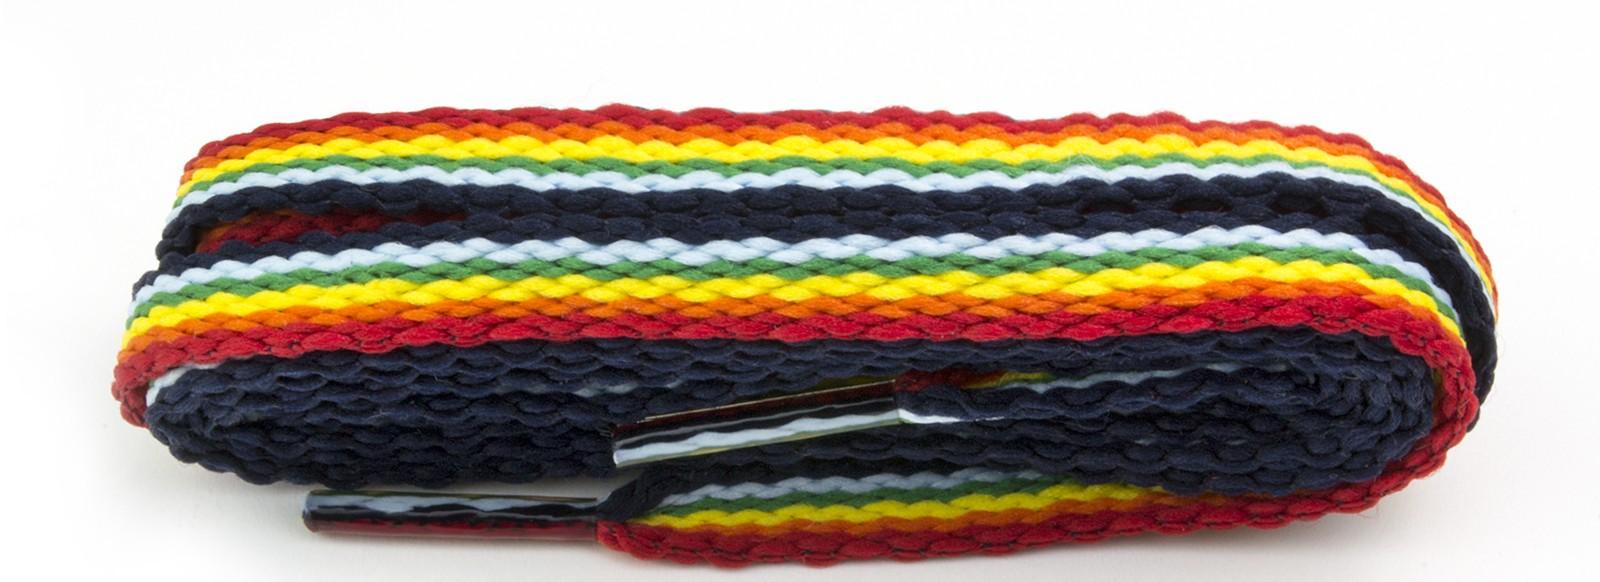 Sneaker Rainbow Stripe